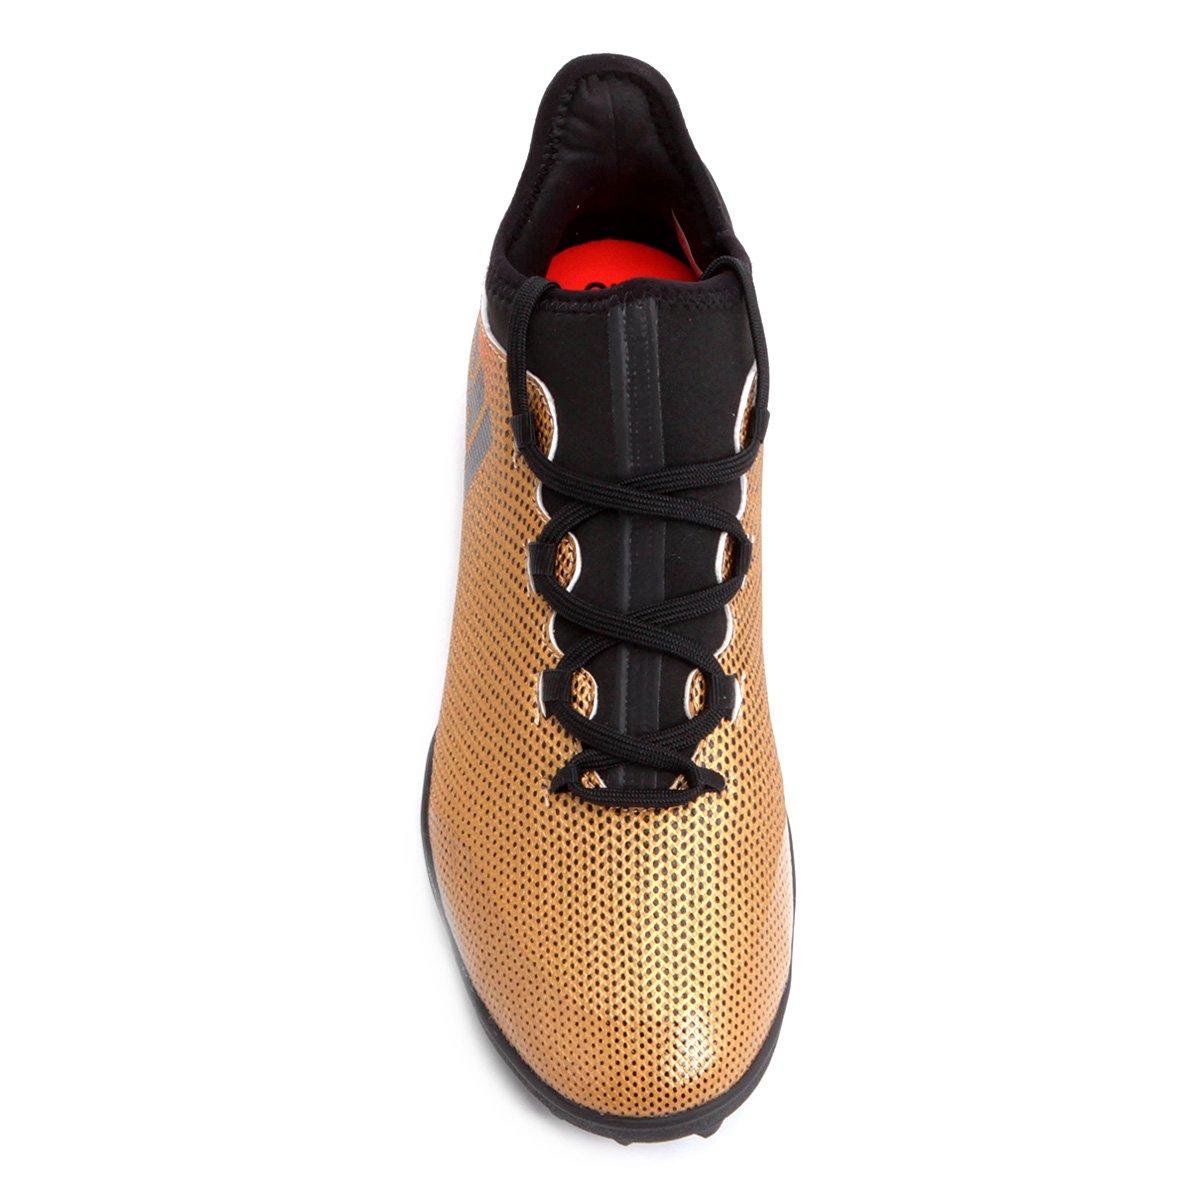 eb1c5230c8 Chuteira Society Adidas X 17 3 TF - Dourado - Compre Agora